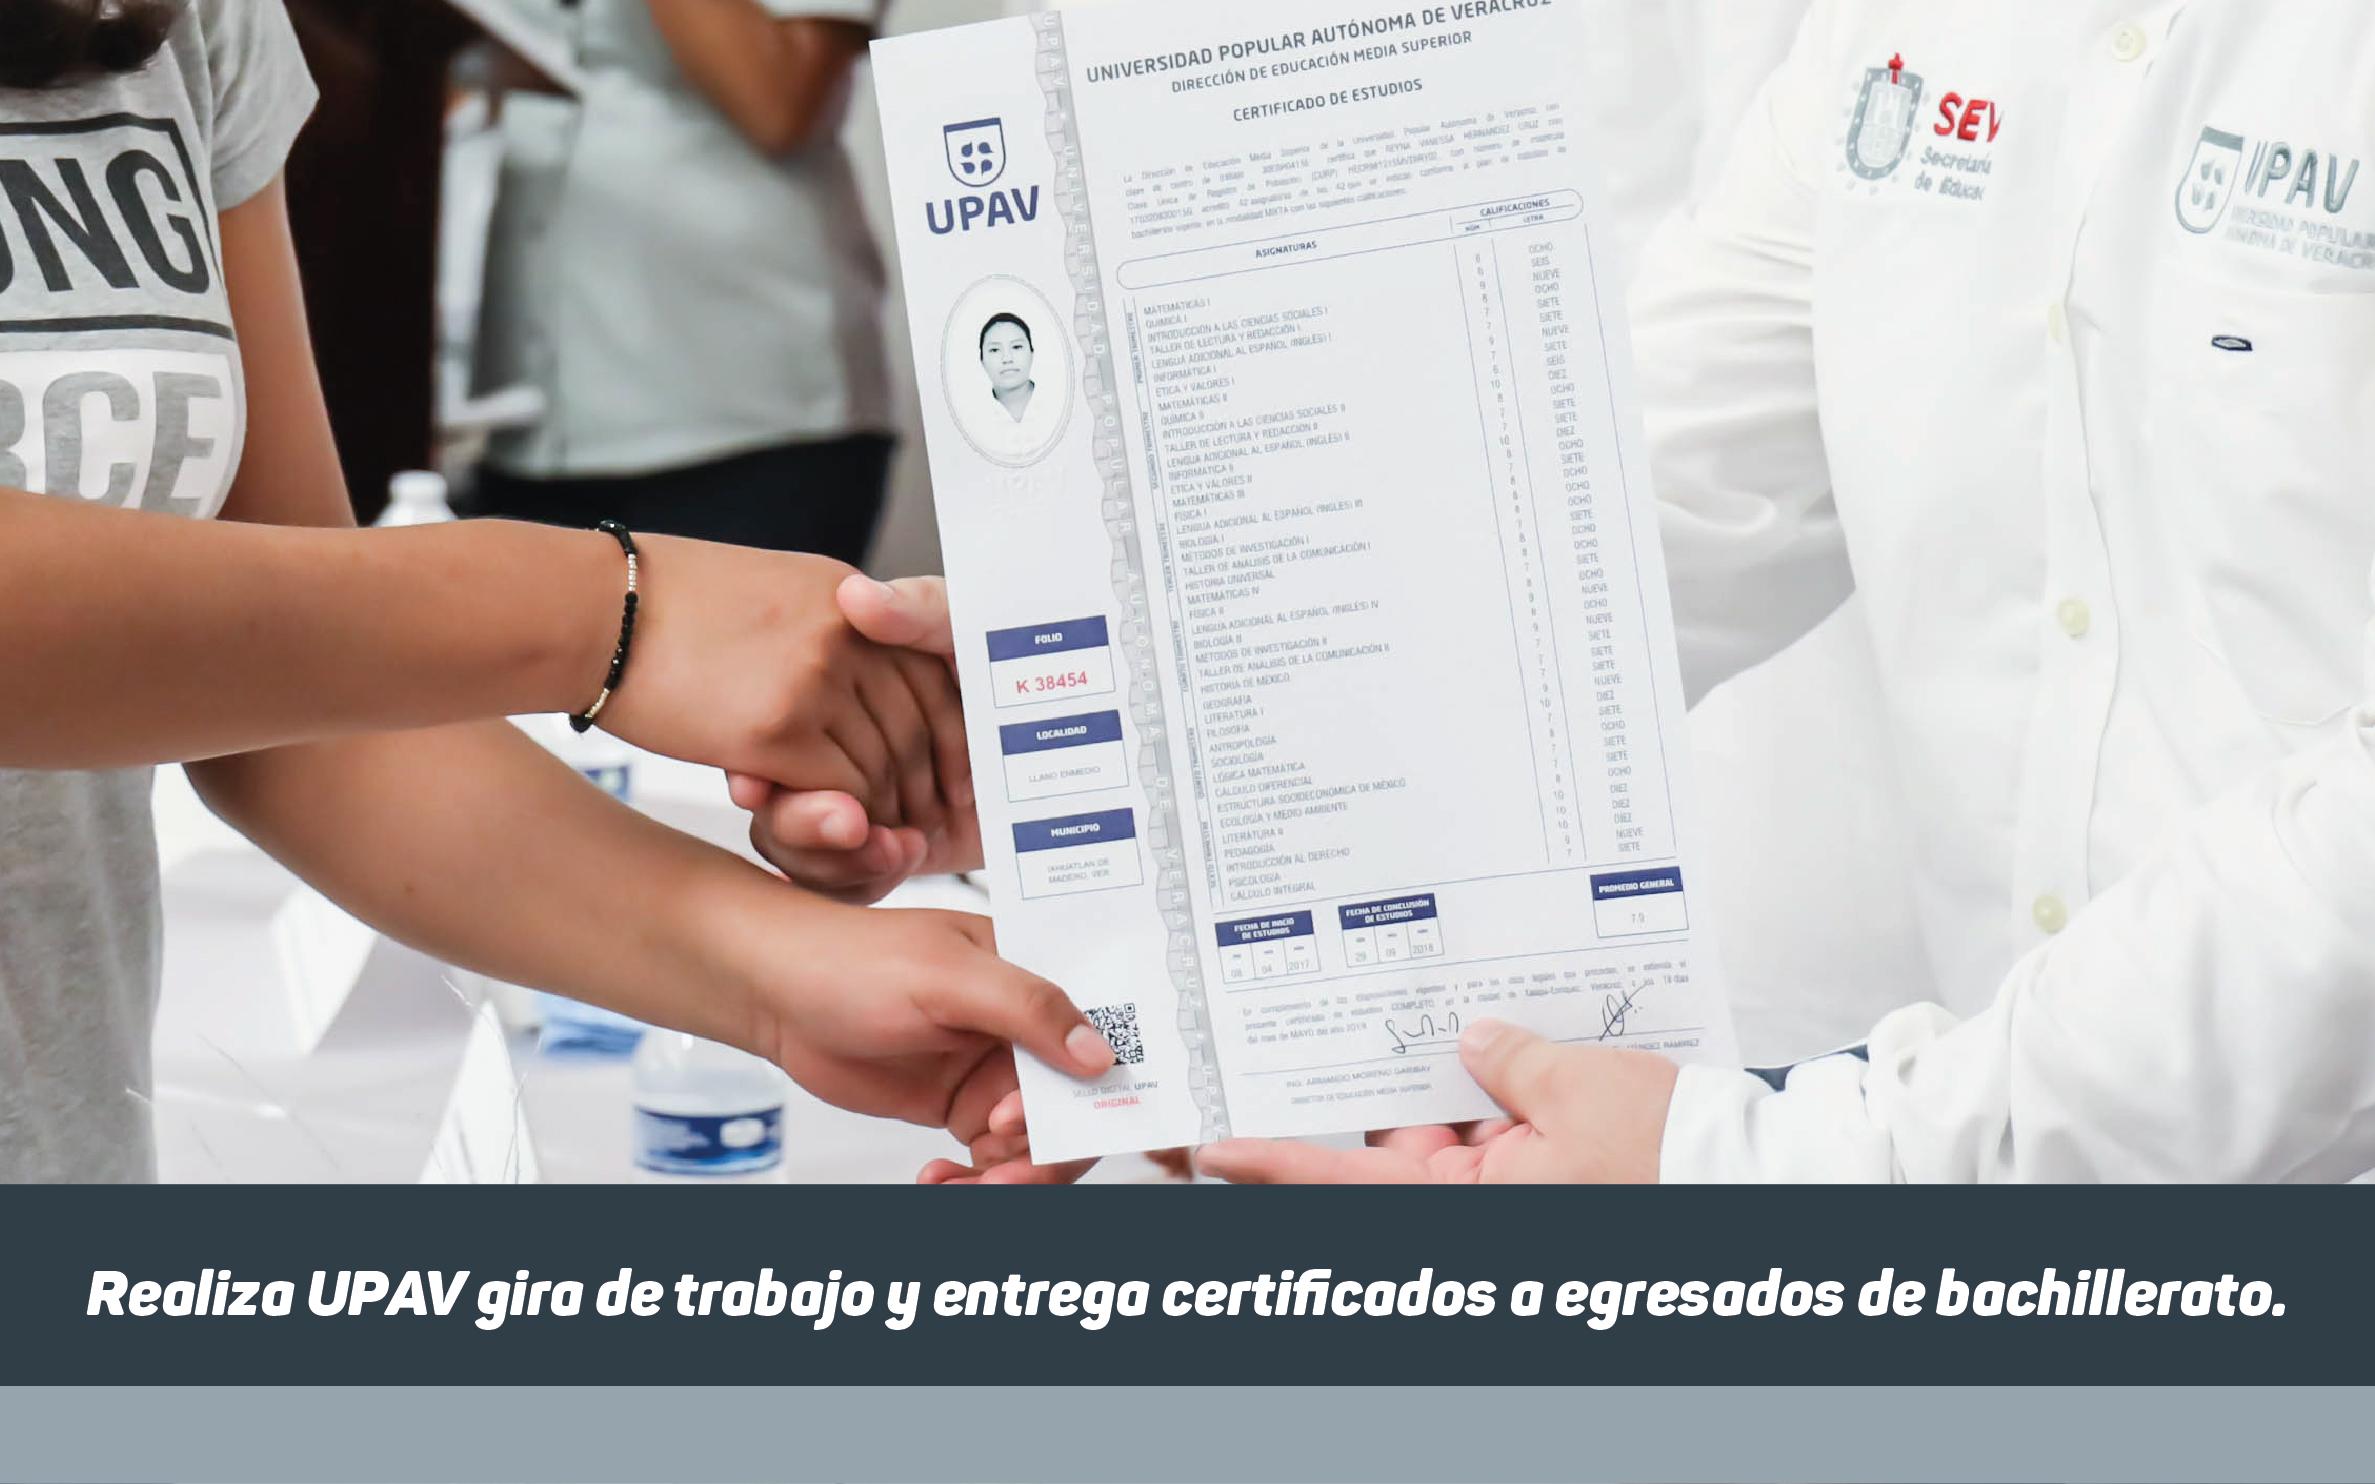 Certificado UPAV